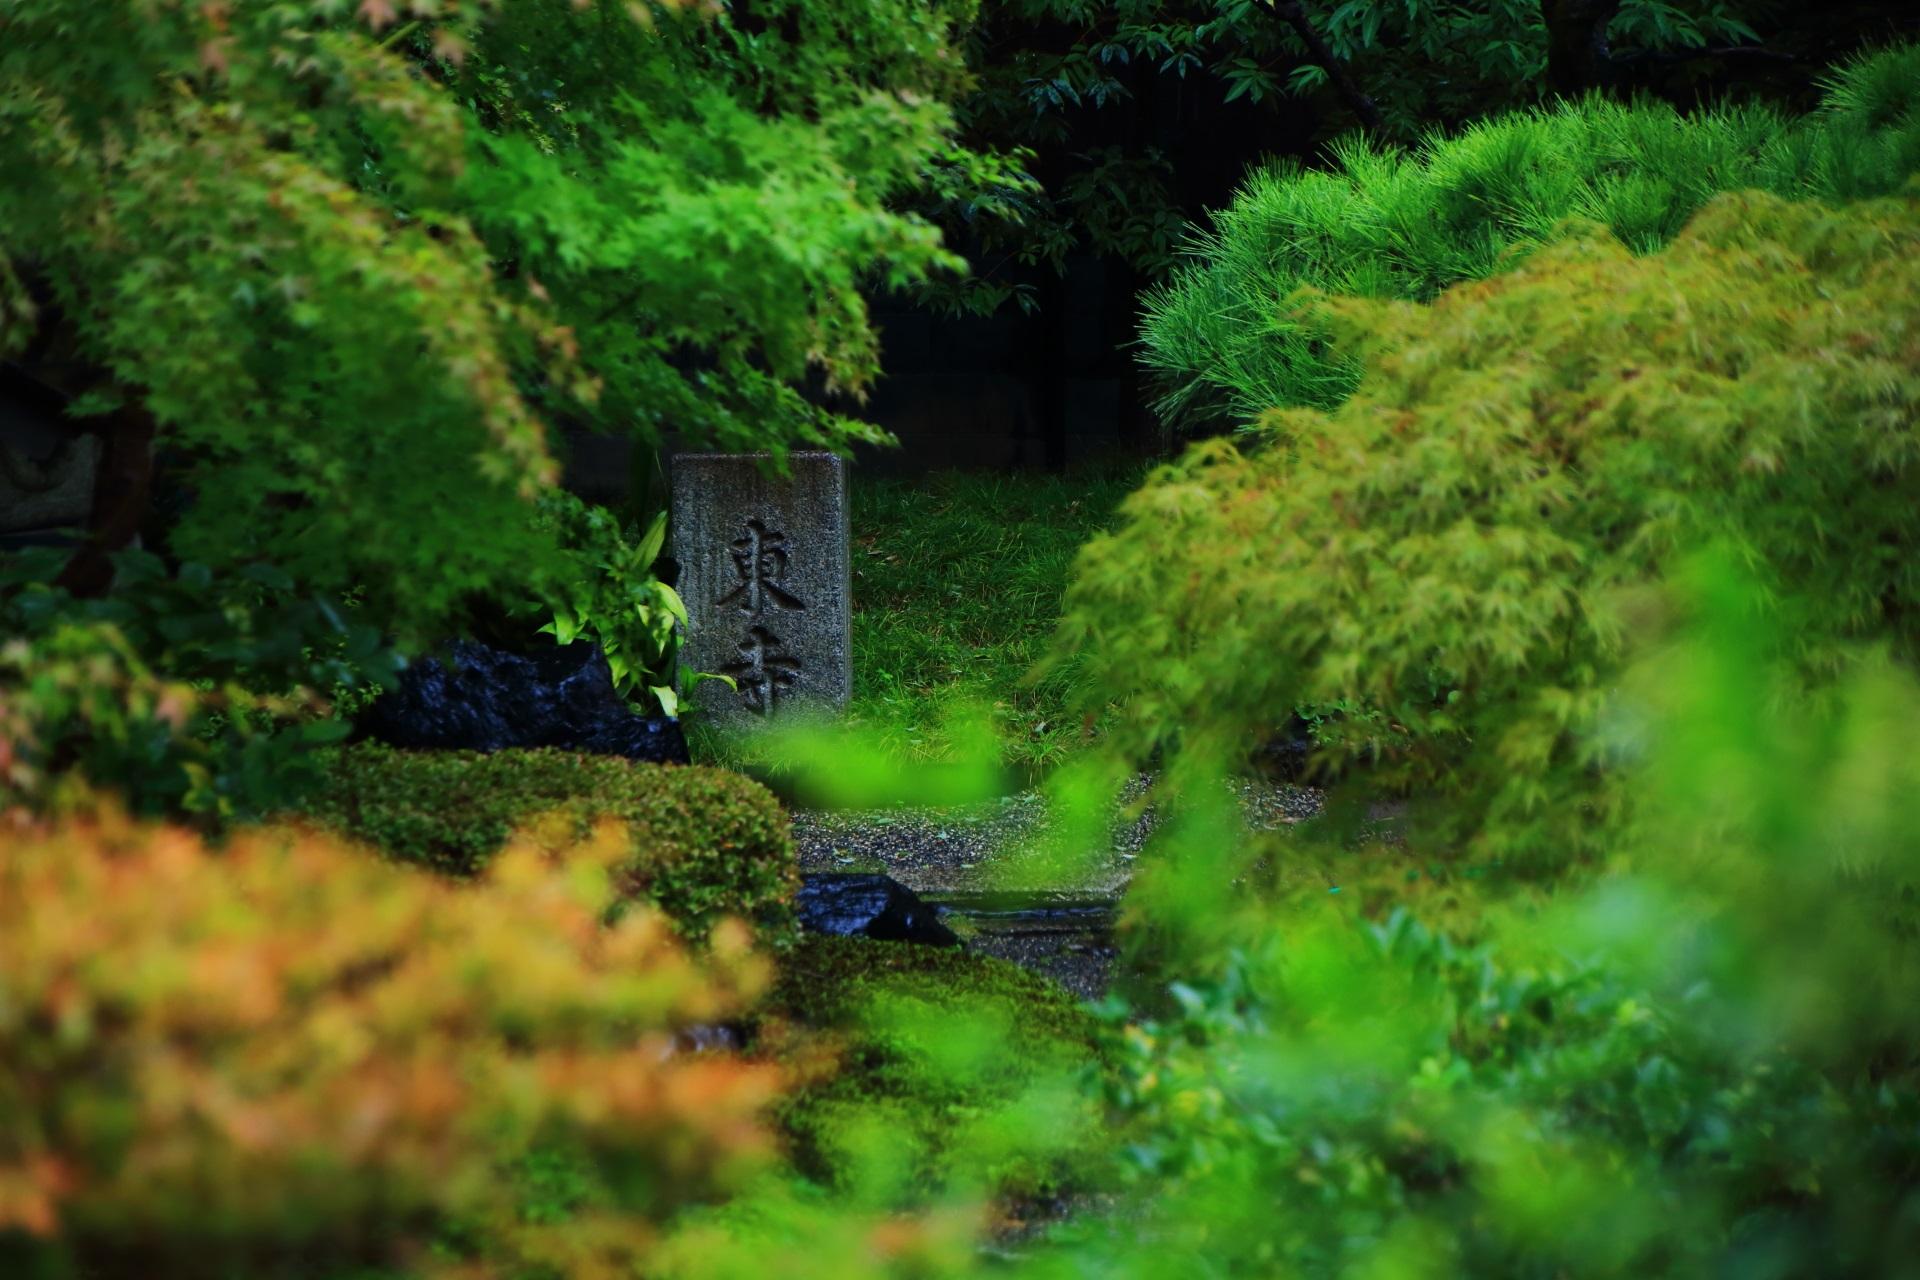 東寺と書かれた石と美しい緑